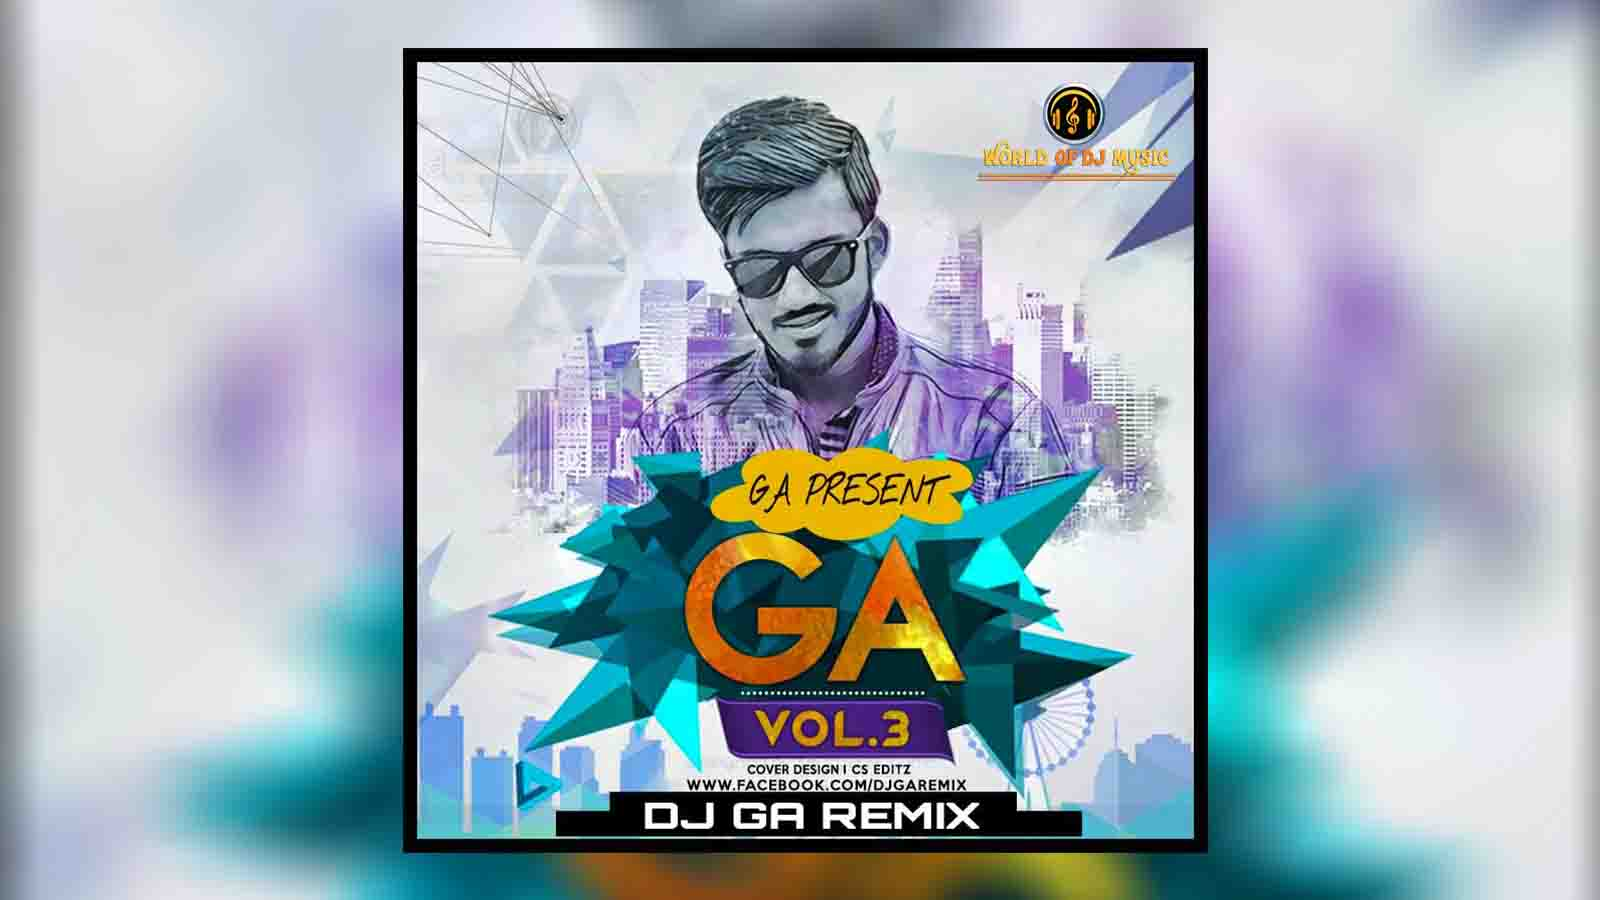 Ladka Diwana Lage (Remix) - Dj GA Remix